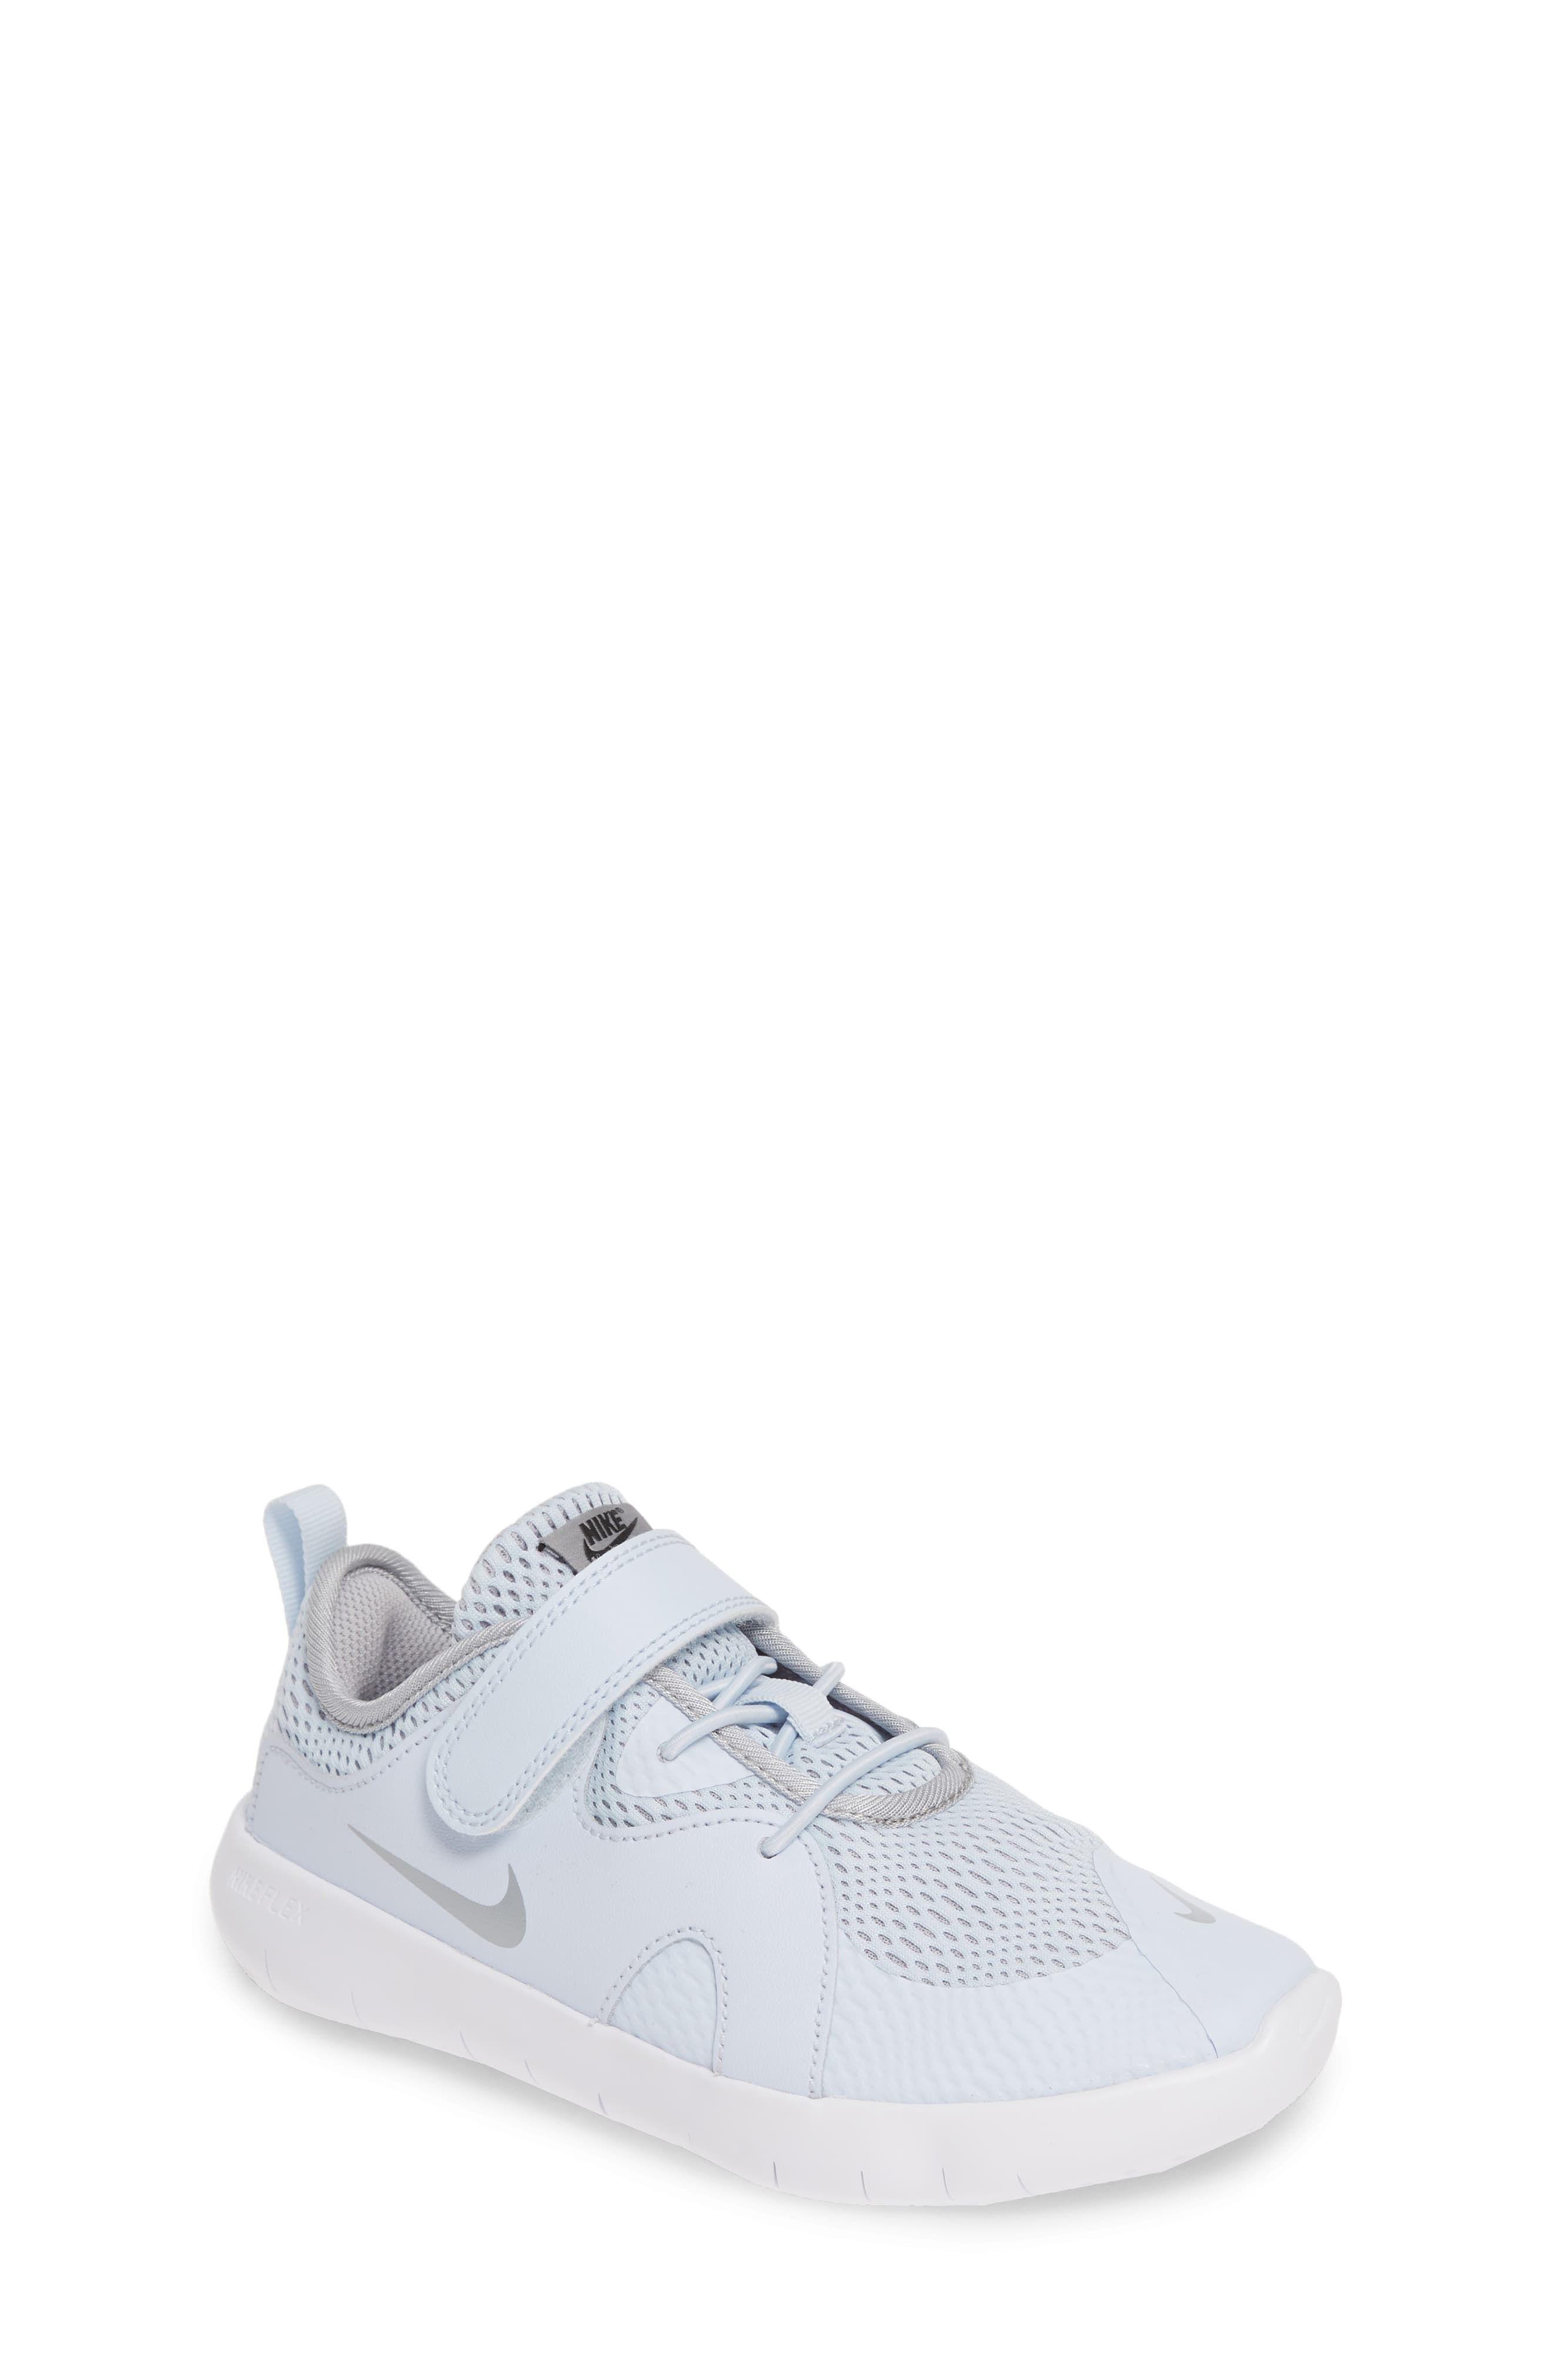 Toddler Nike Flex Contact 3 Psv Running Shoe Size 10 5 M Blue Nike Flex Running Shoes Girls Shoes